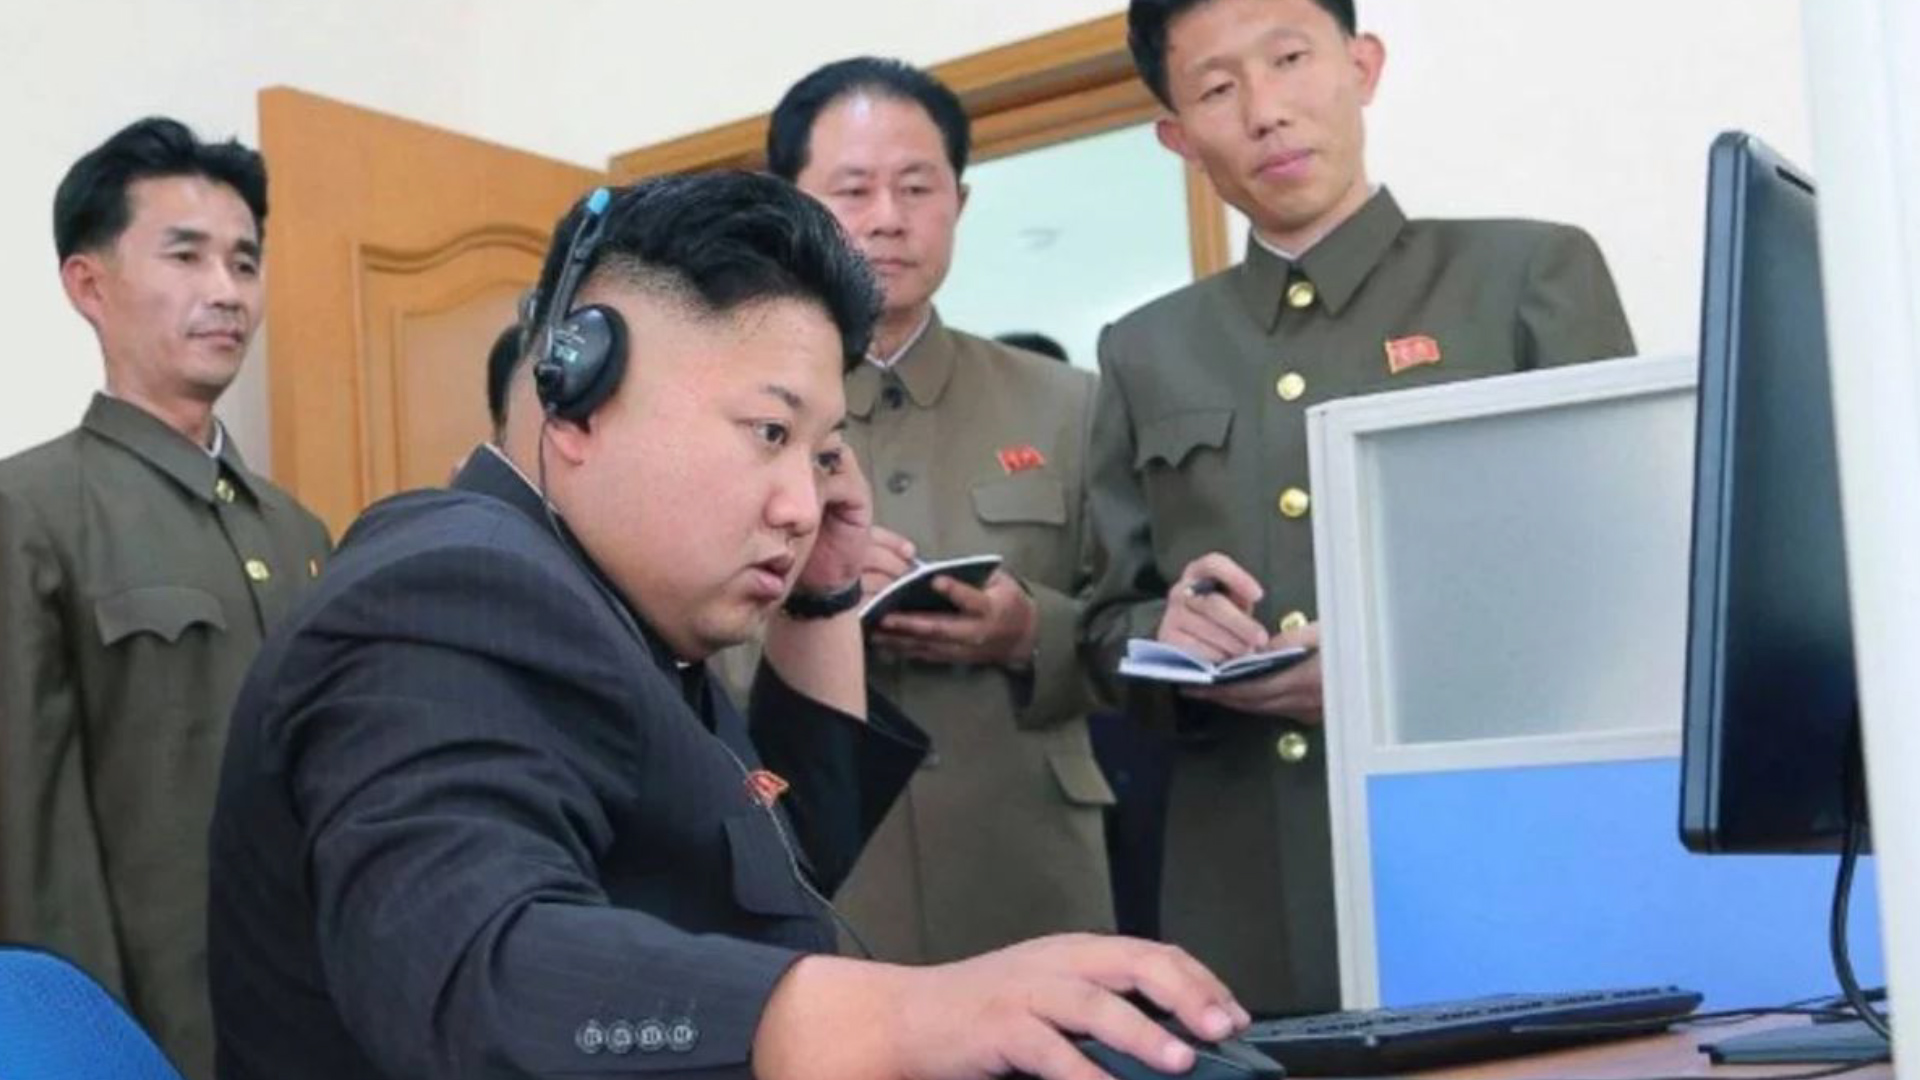 29/11/2017 El dictador norcoreano Kim Jong-un lanza su 23° misil de prueba del año, en una escalada de la tensión nuclear en el Pacífico.